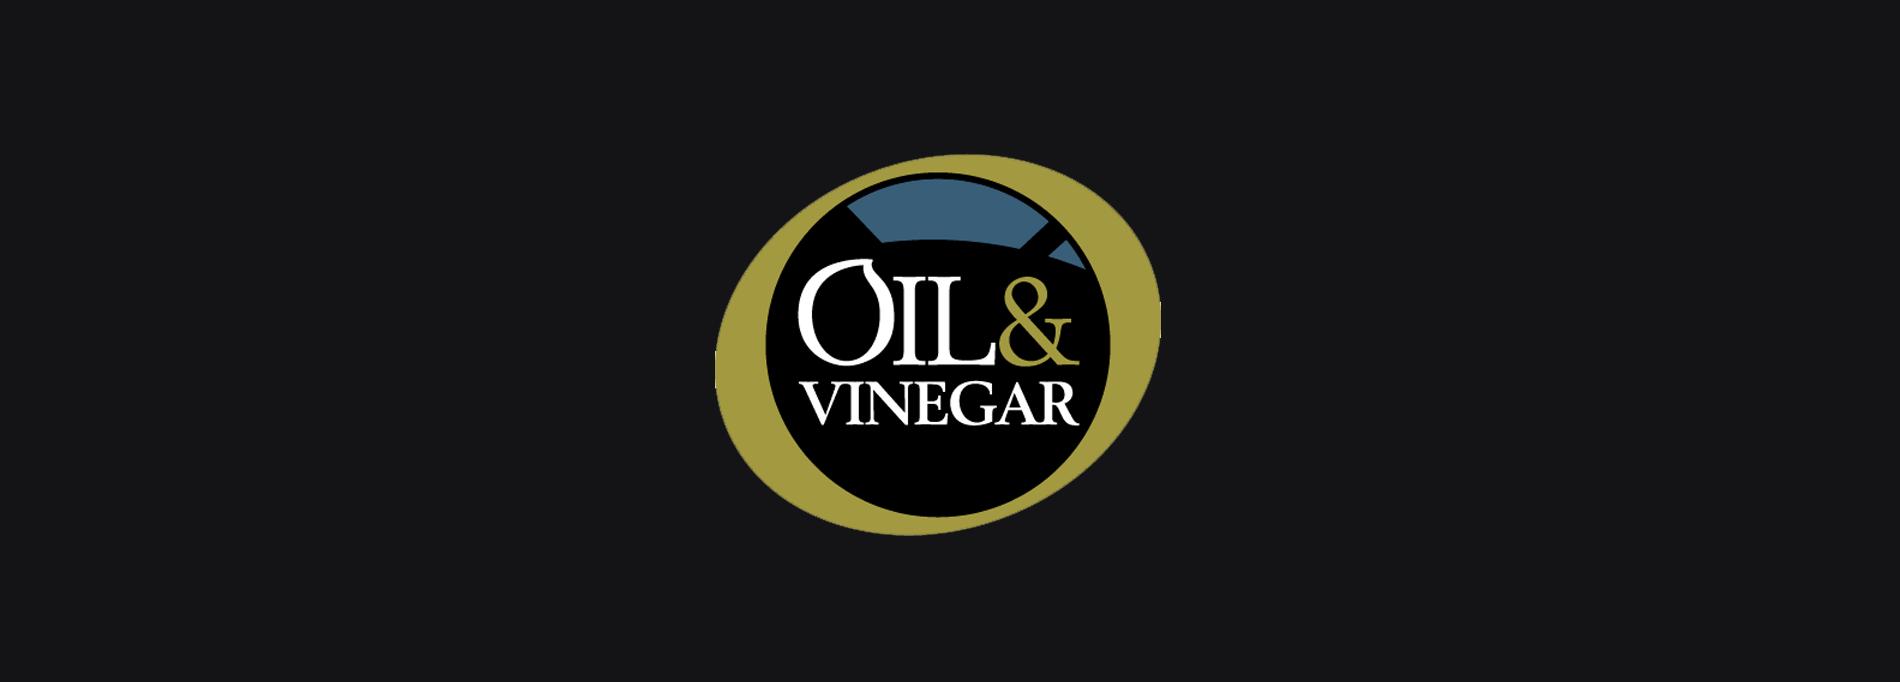 Oil & Vinegar Oldenburg